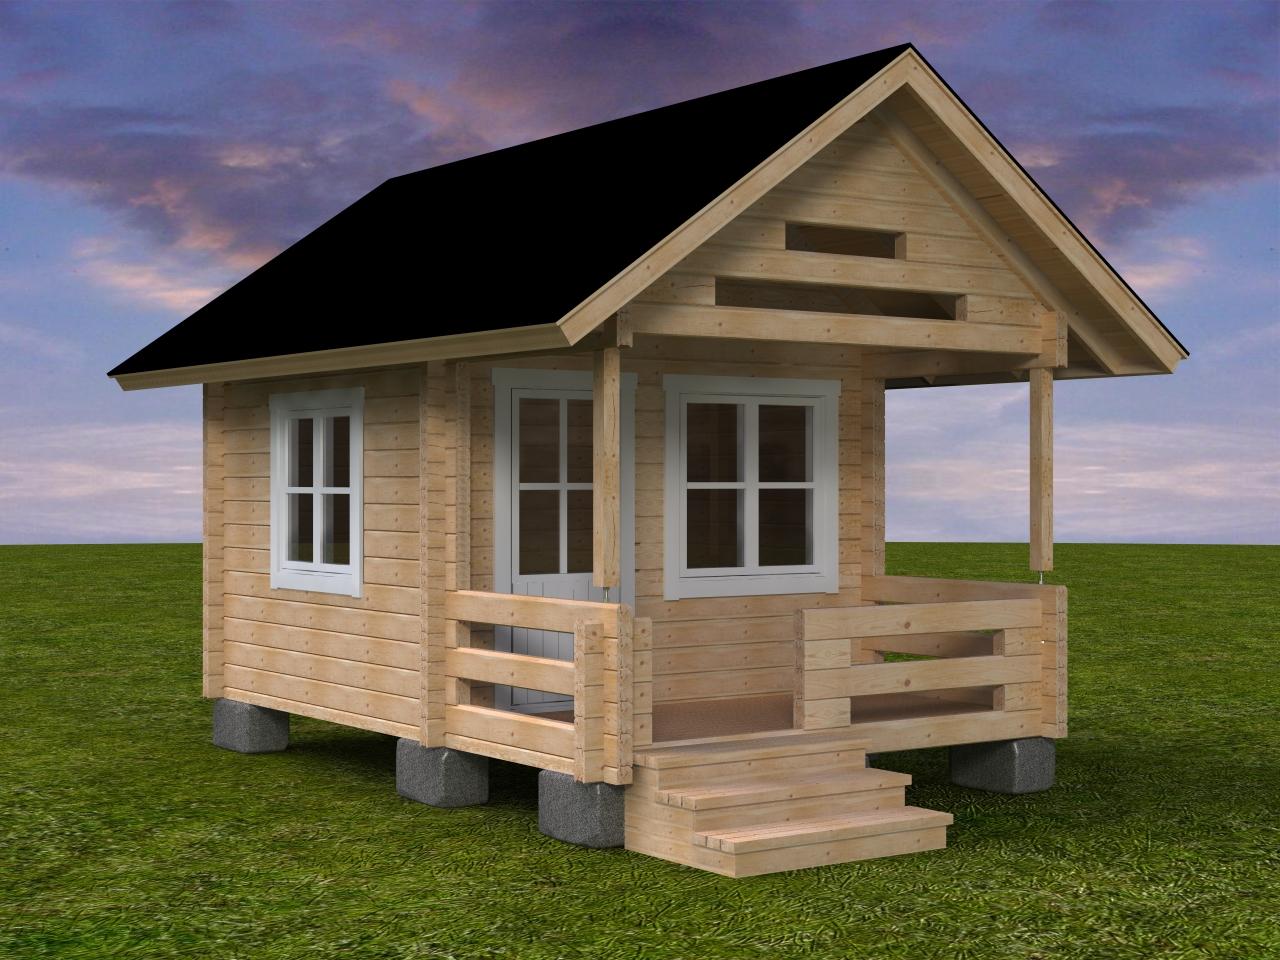 Log cabin 3d model buy log cabin 3d model flatpyramid for Buy log house